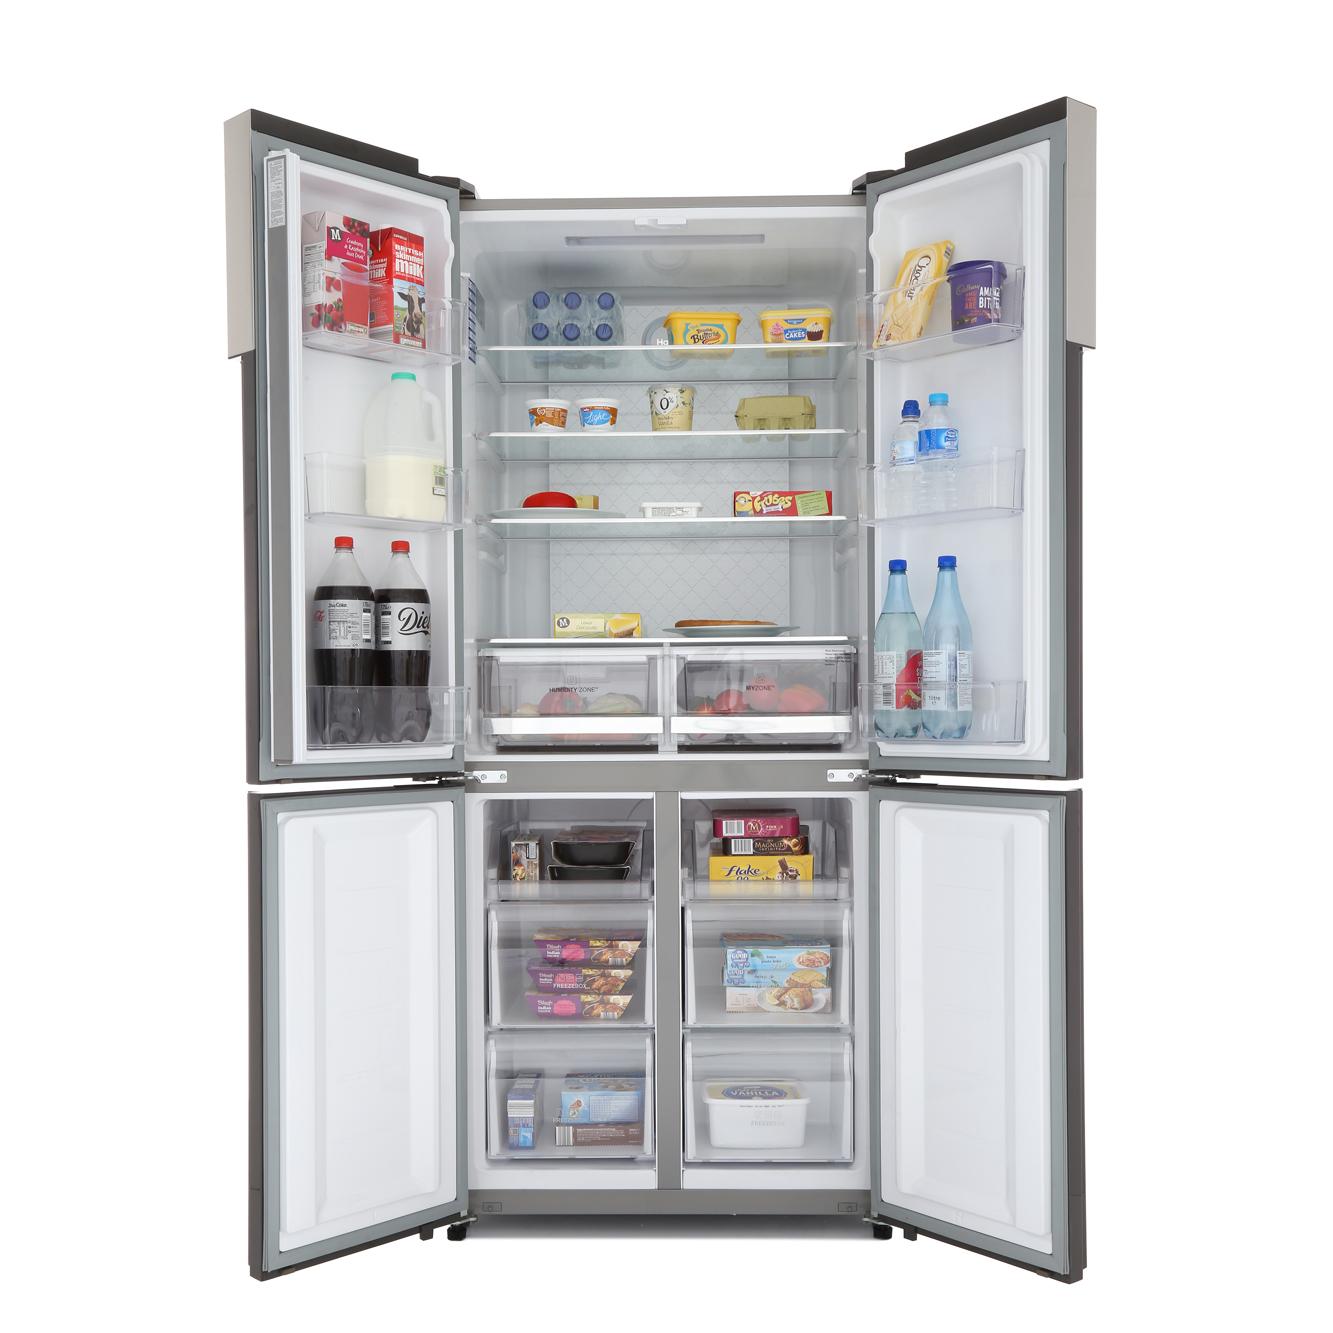 Buy Haier Htf 452dm7 American Fridge Freezer Stainless